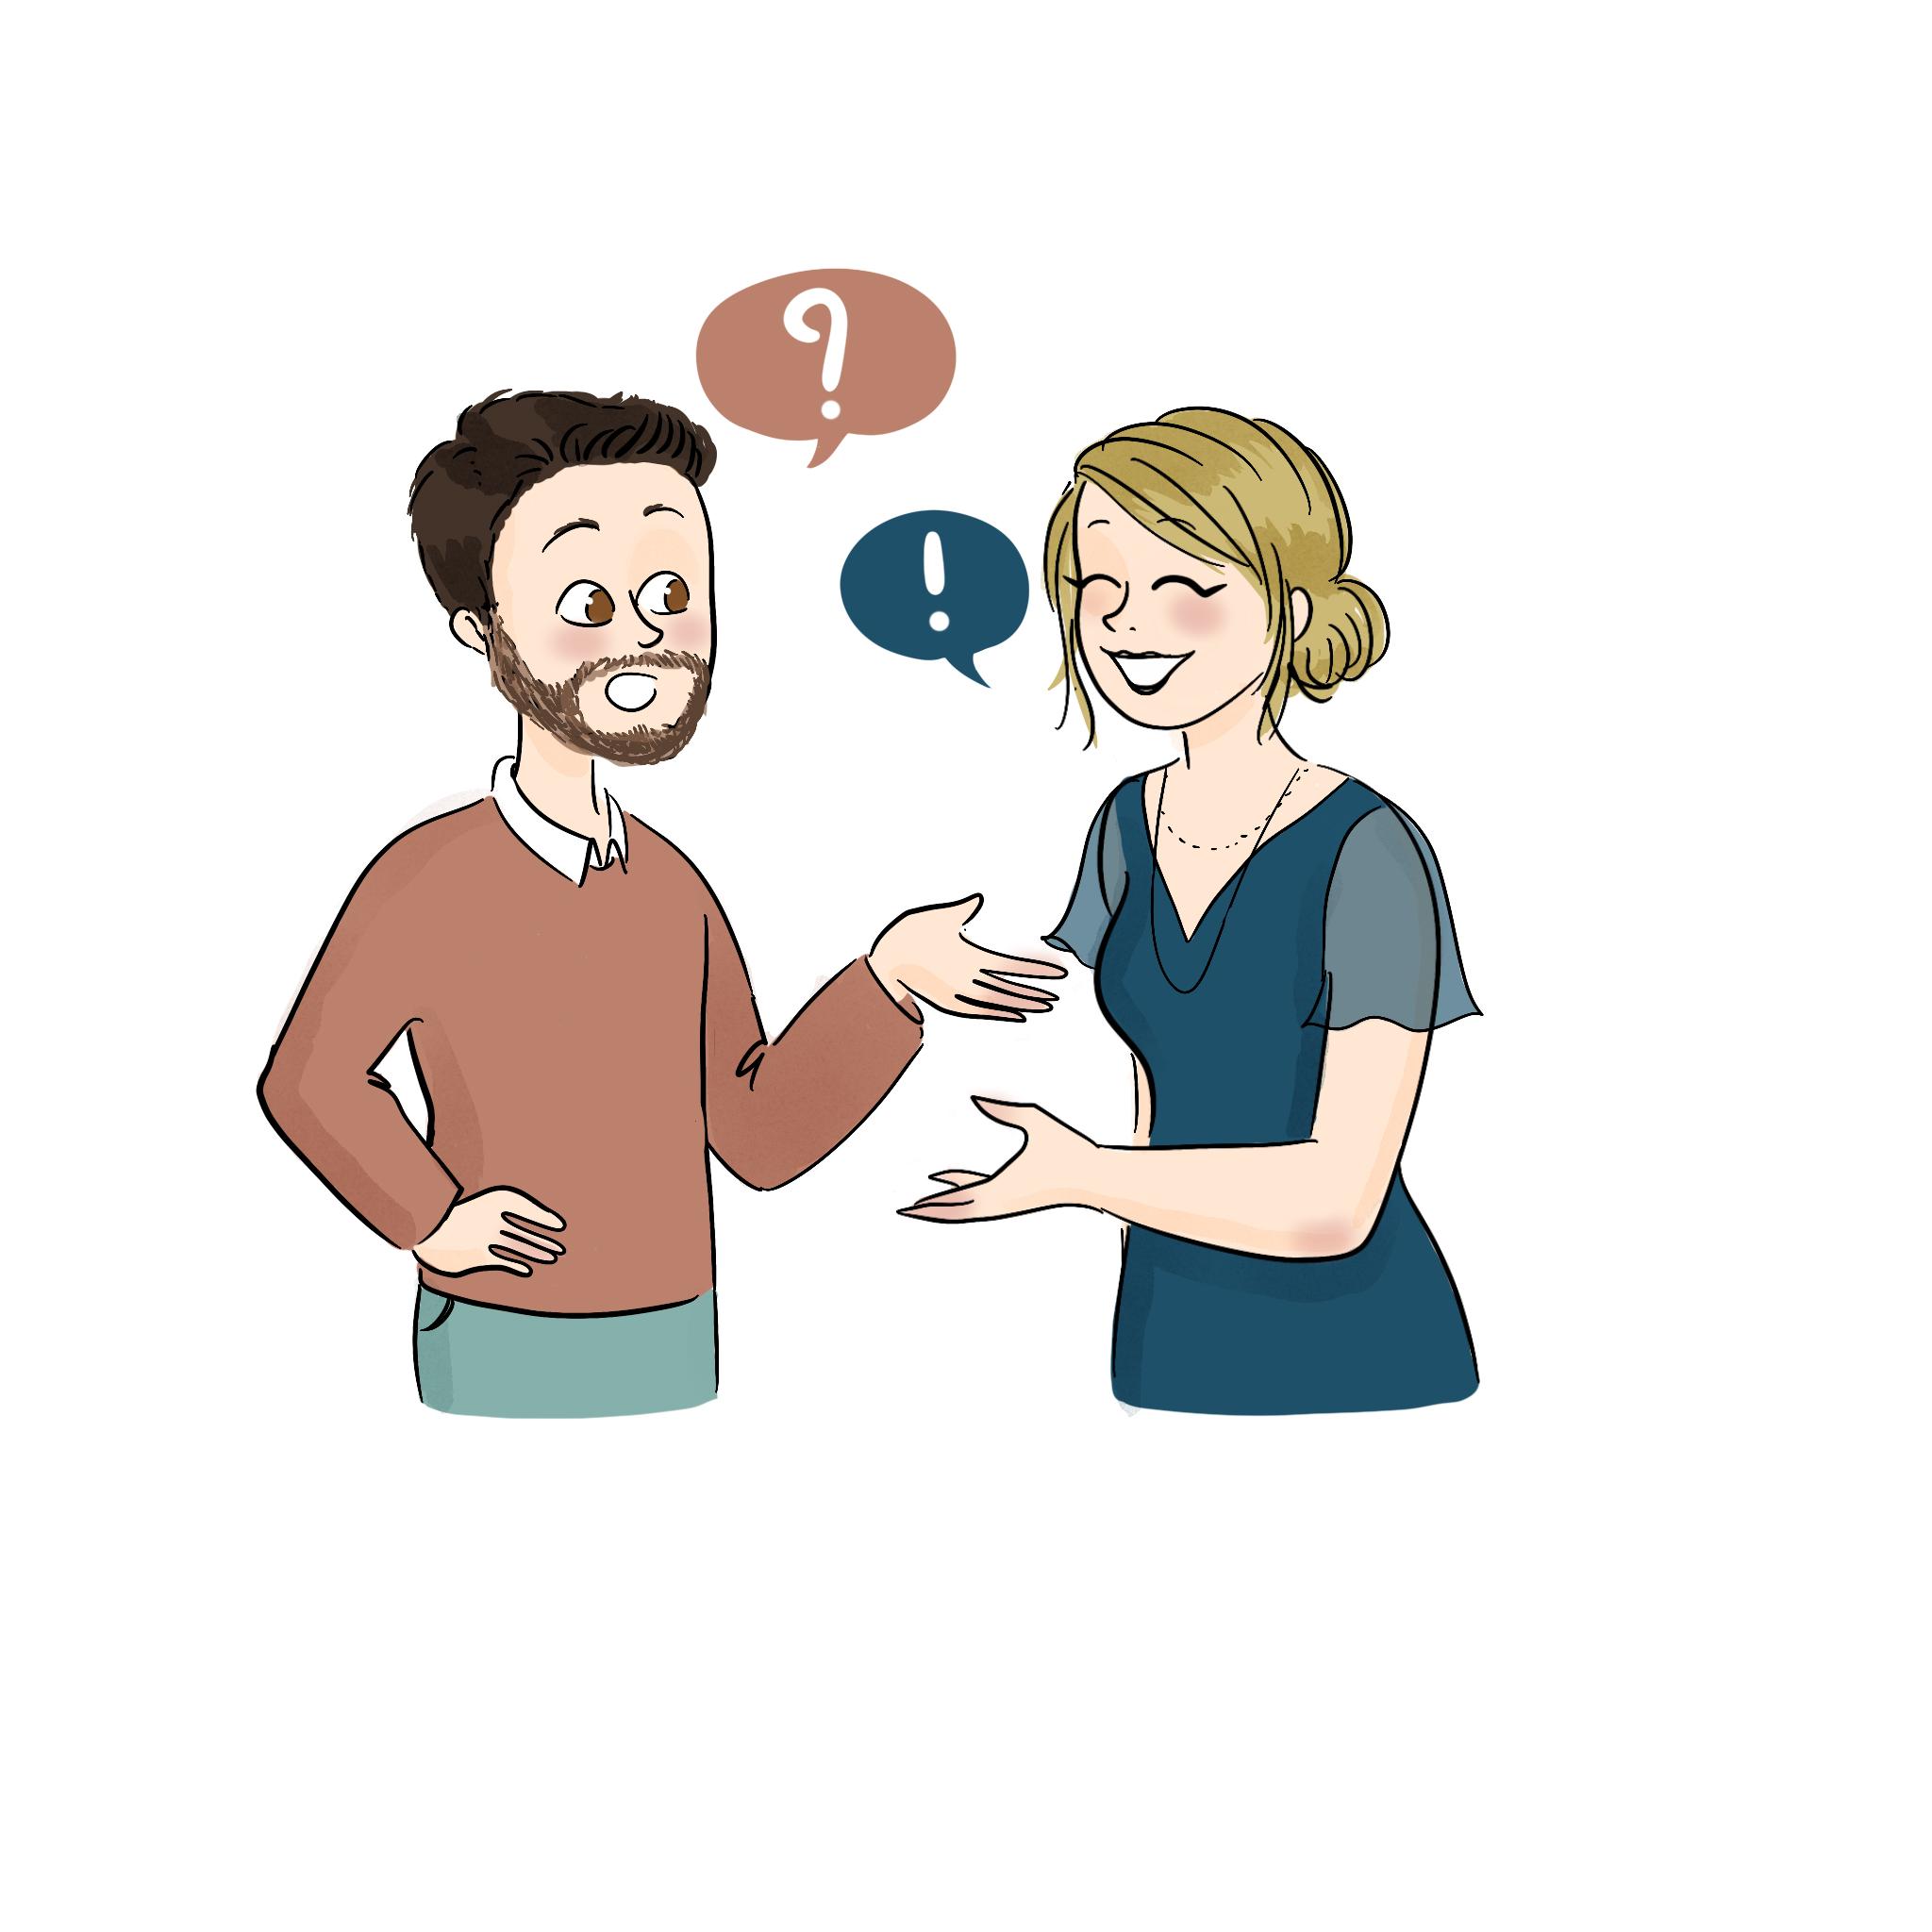 5. Histoire courte pour répondre à une question bien spécifique